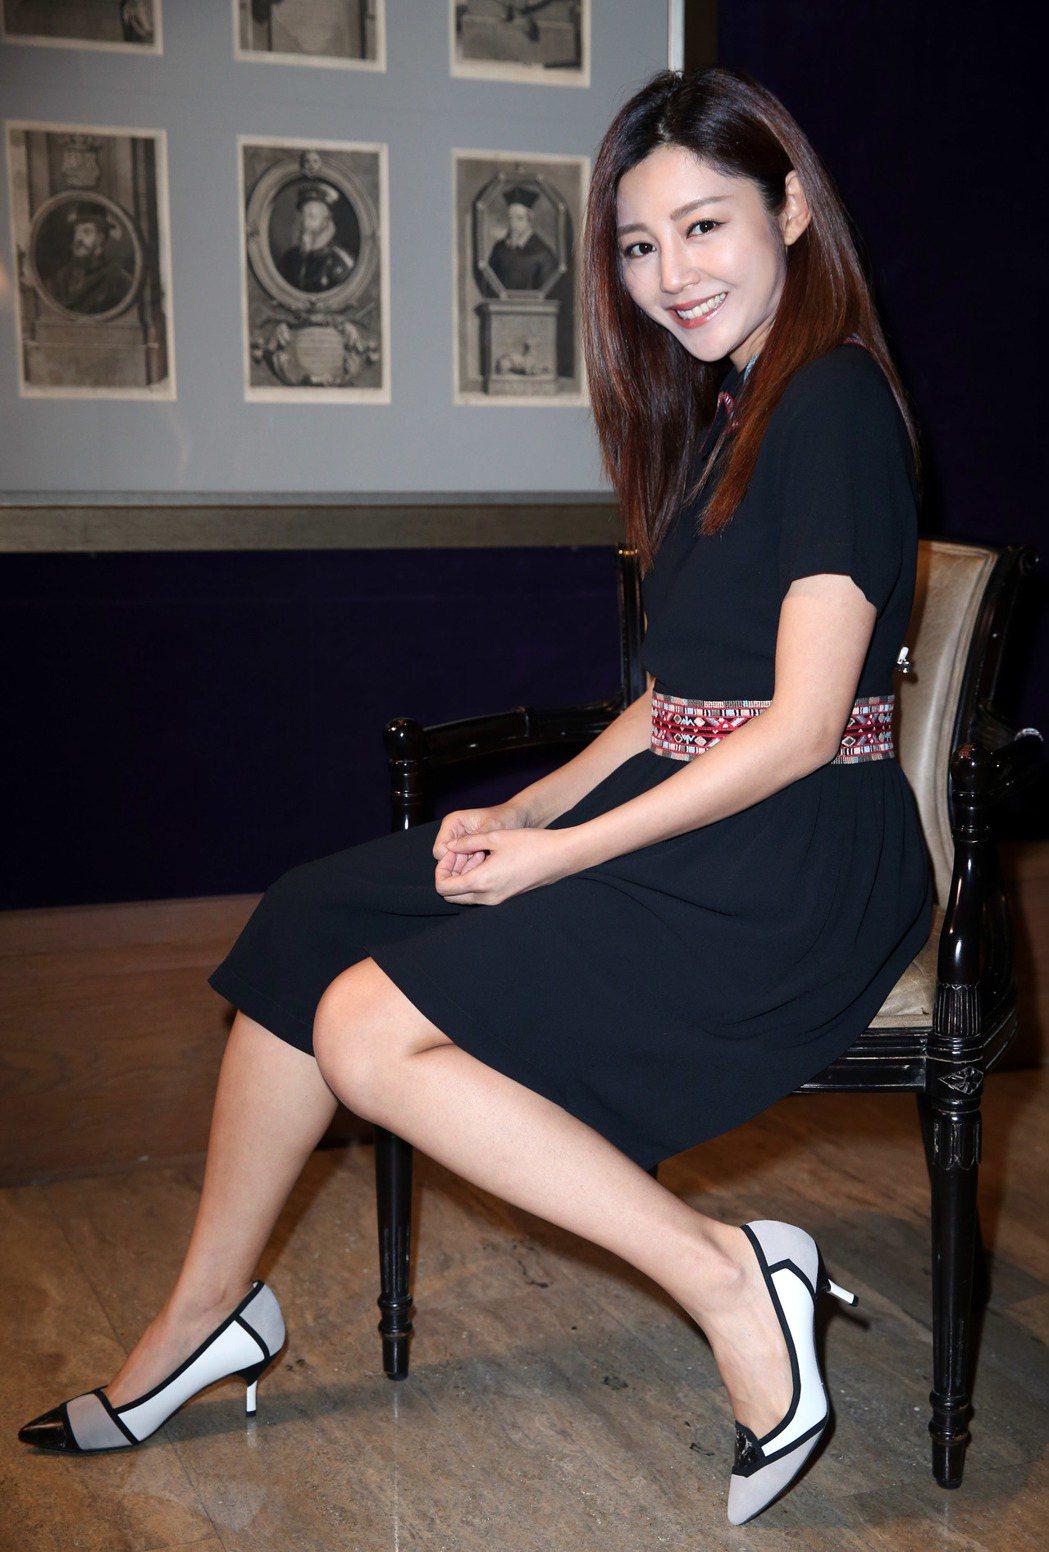 電影「失眠」女主角星衛詩雅。記者陳瑞源/攝影